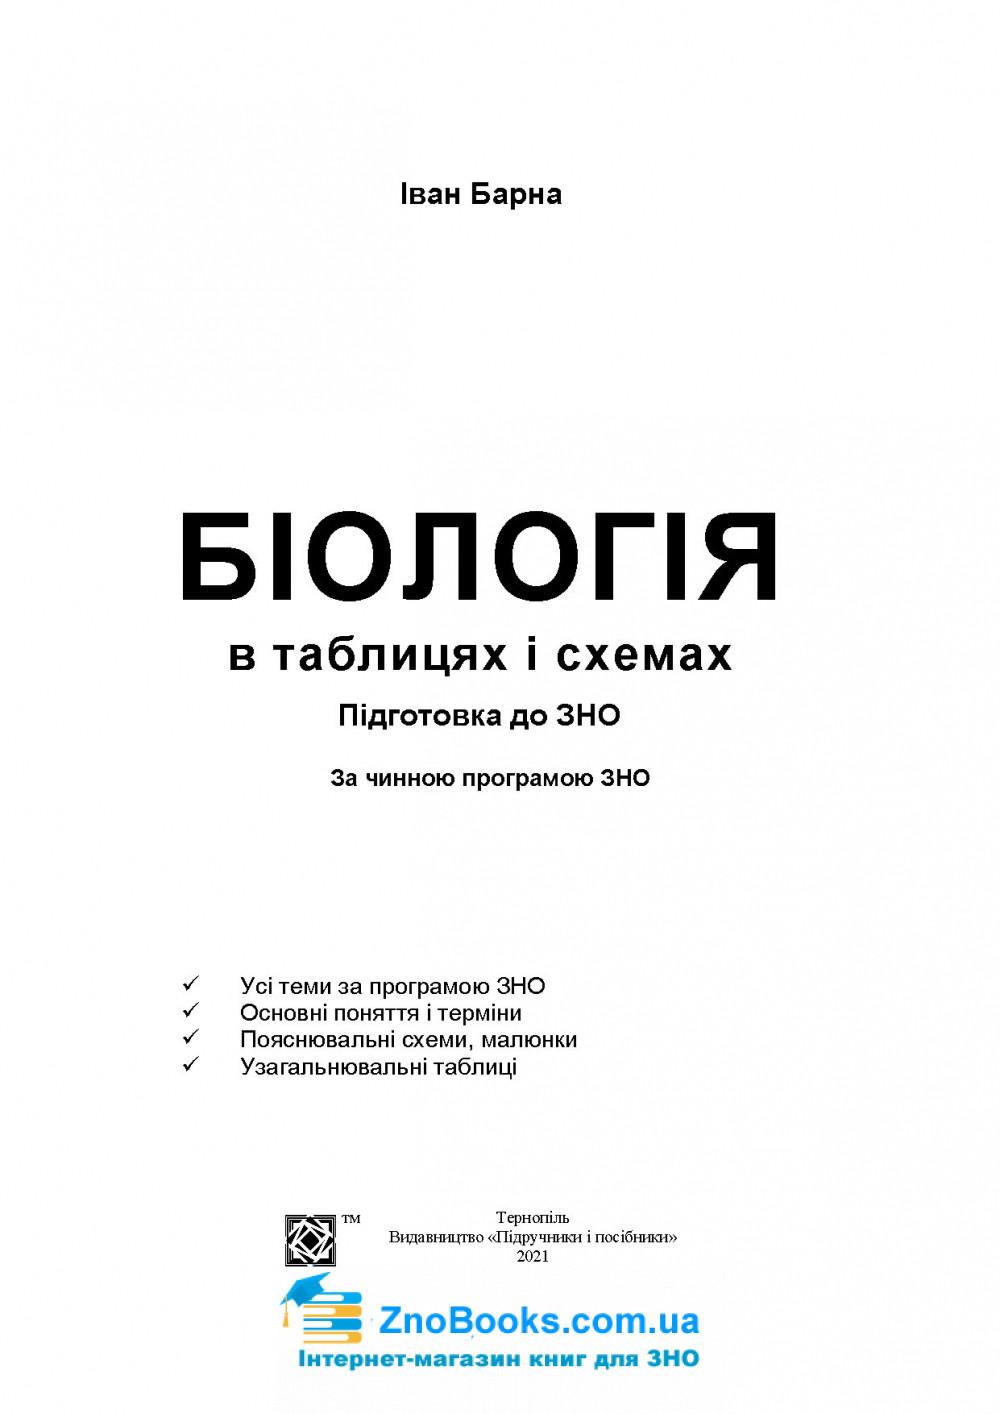 Біологія в таблицях і схемах до ЗНО 2021 : Барна І. Підручники і посібники 1